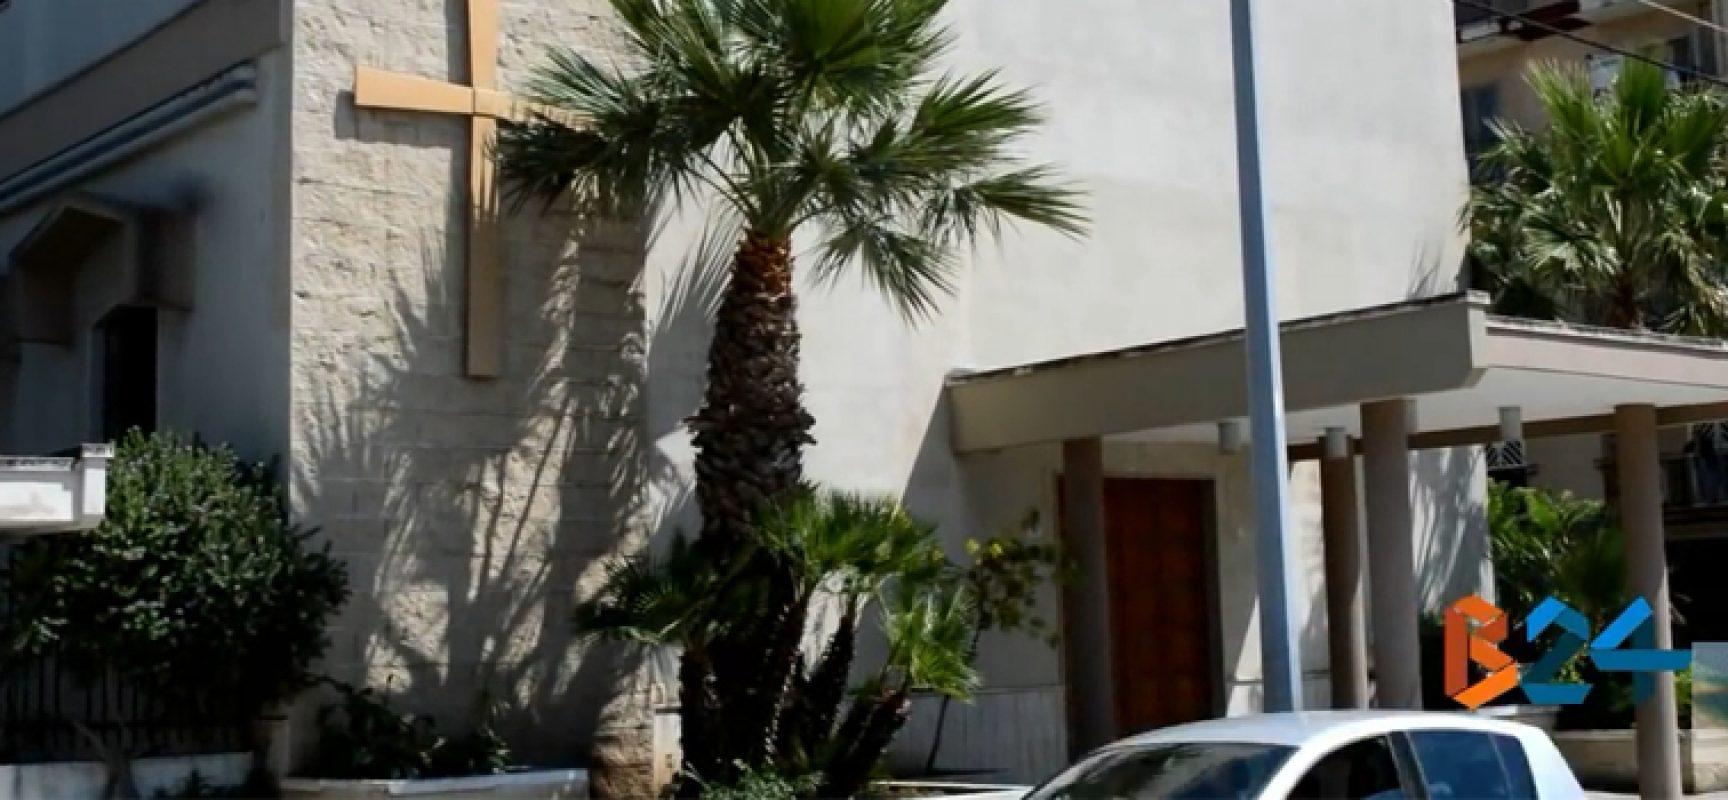 Parrocchia san Pietro inaugura i presepi di quartiere